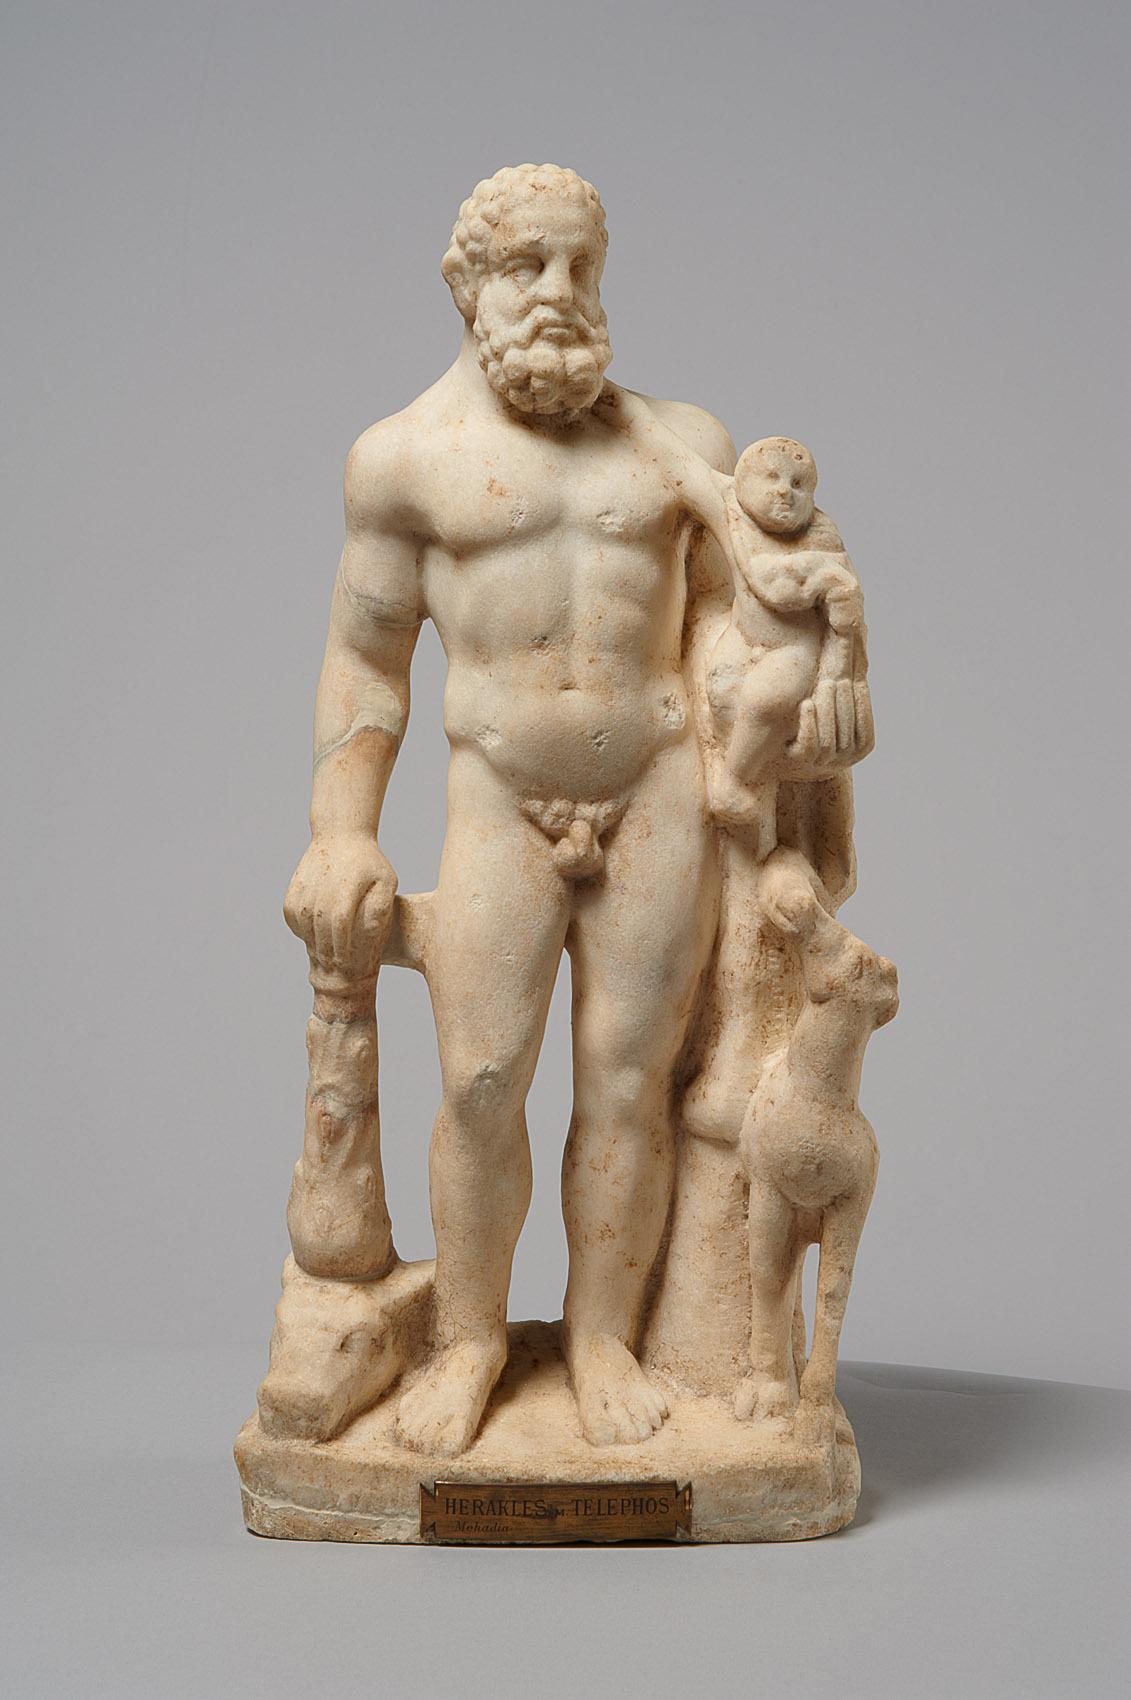 Hercules mit Telephosknaben